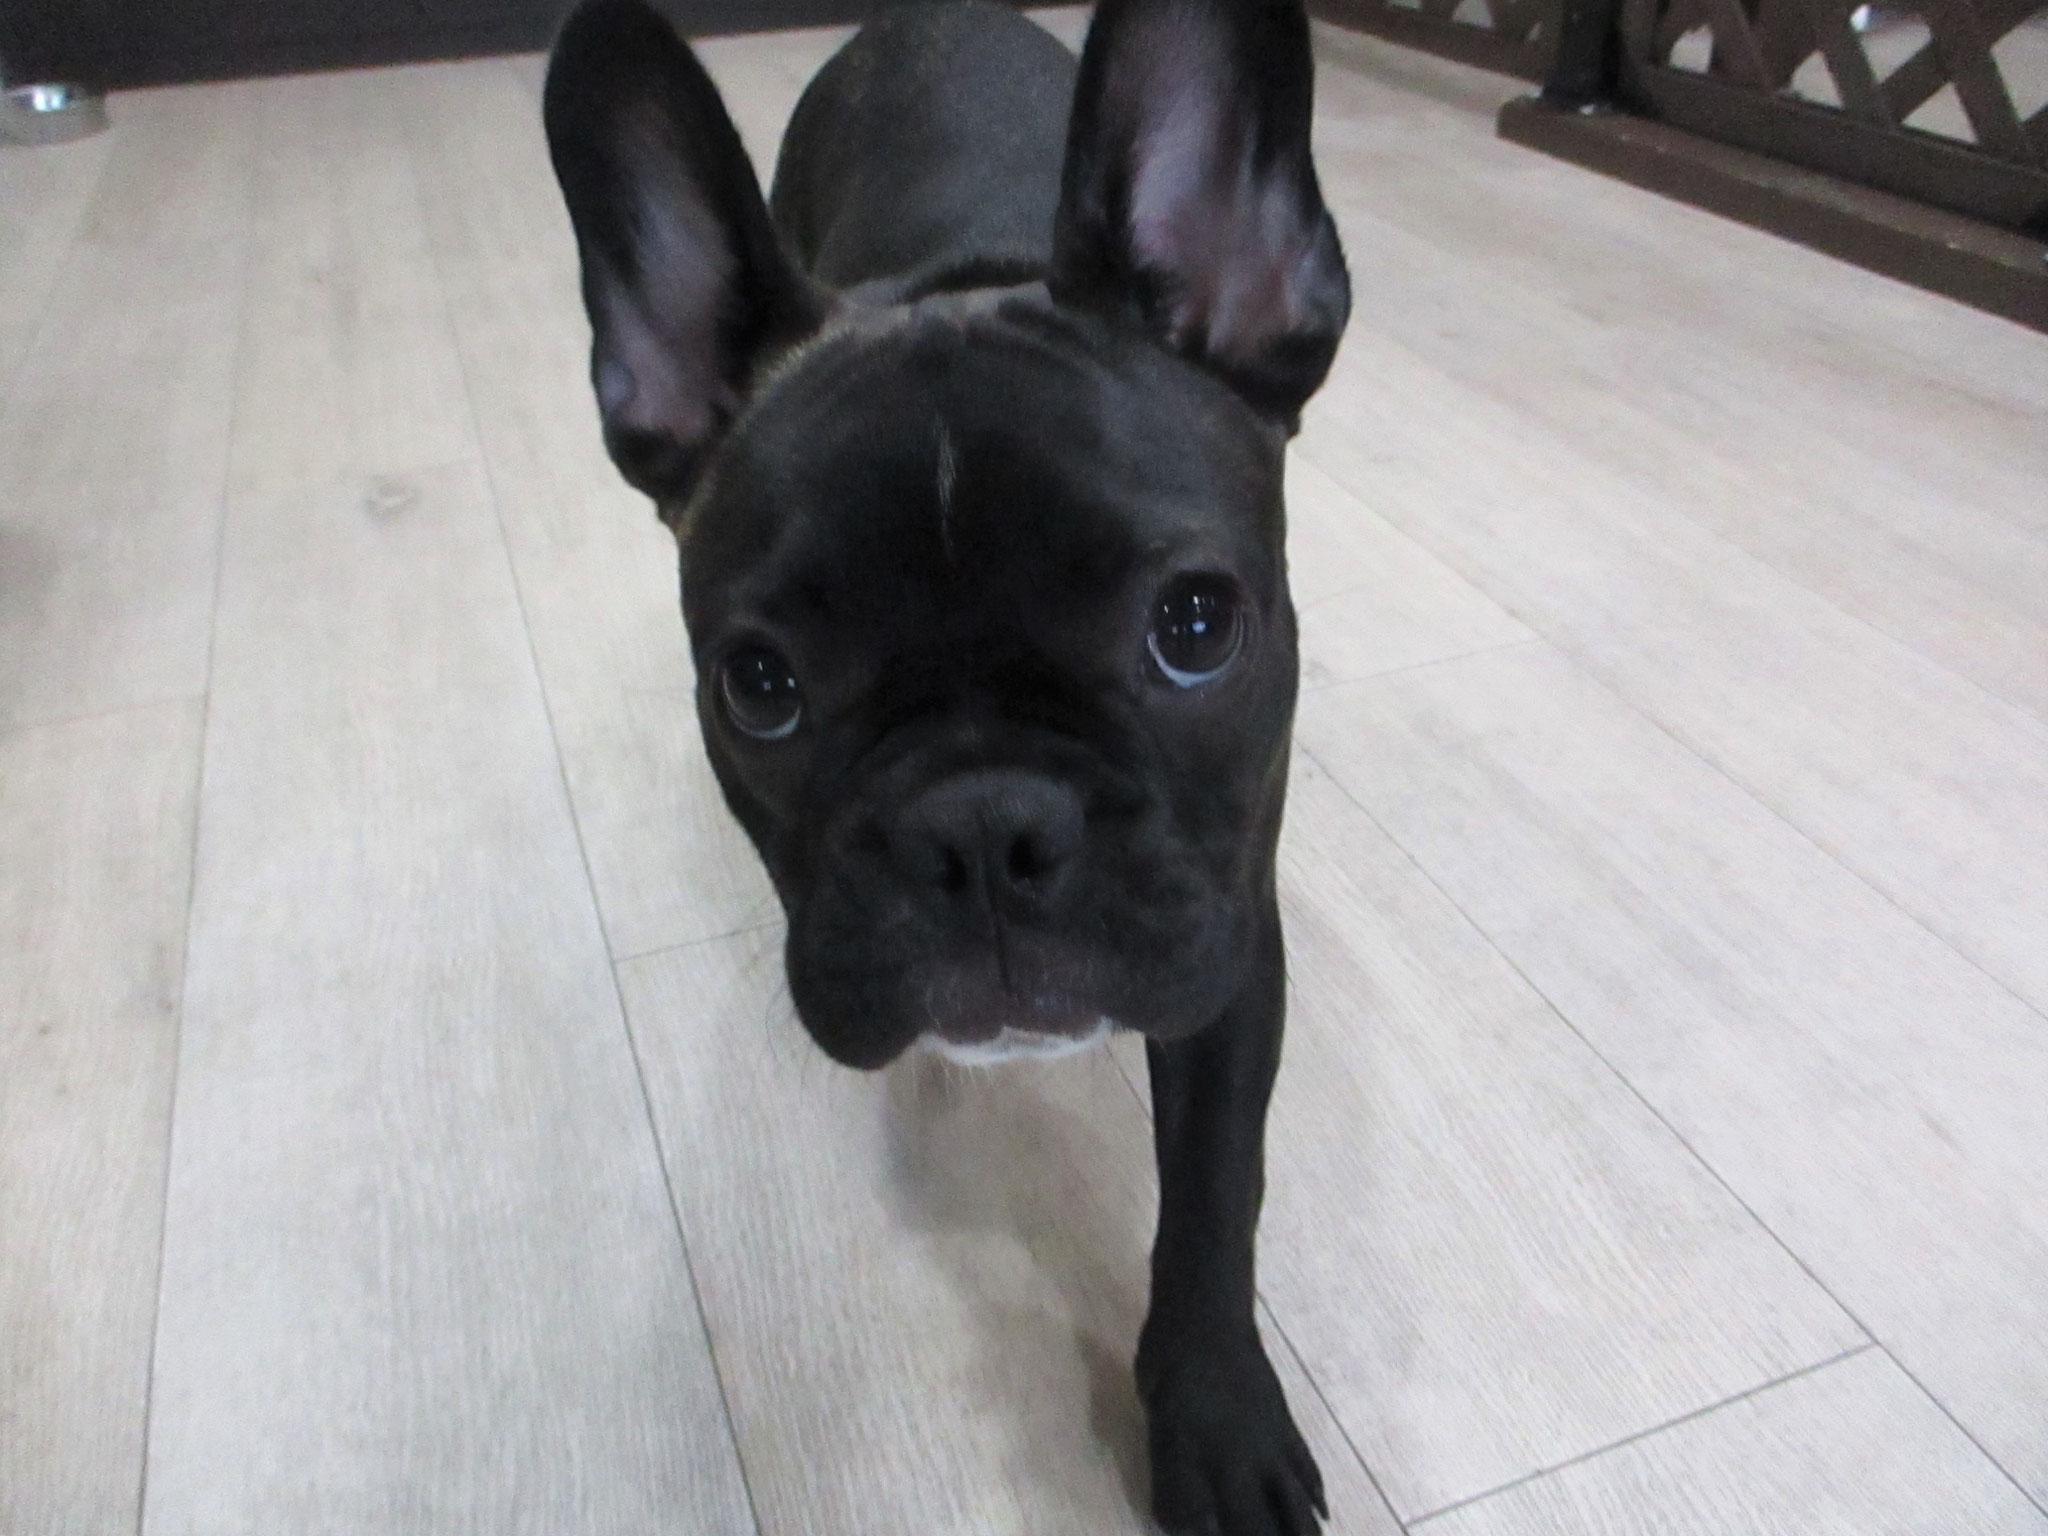 ぽんずちゃん・犬の保育園Baby・犬・犬のしつけ・犬の社会化・習志野市・八千代市・船橋市